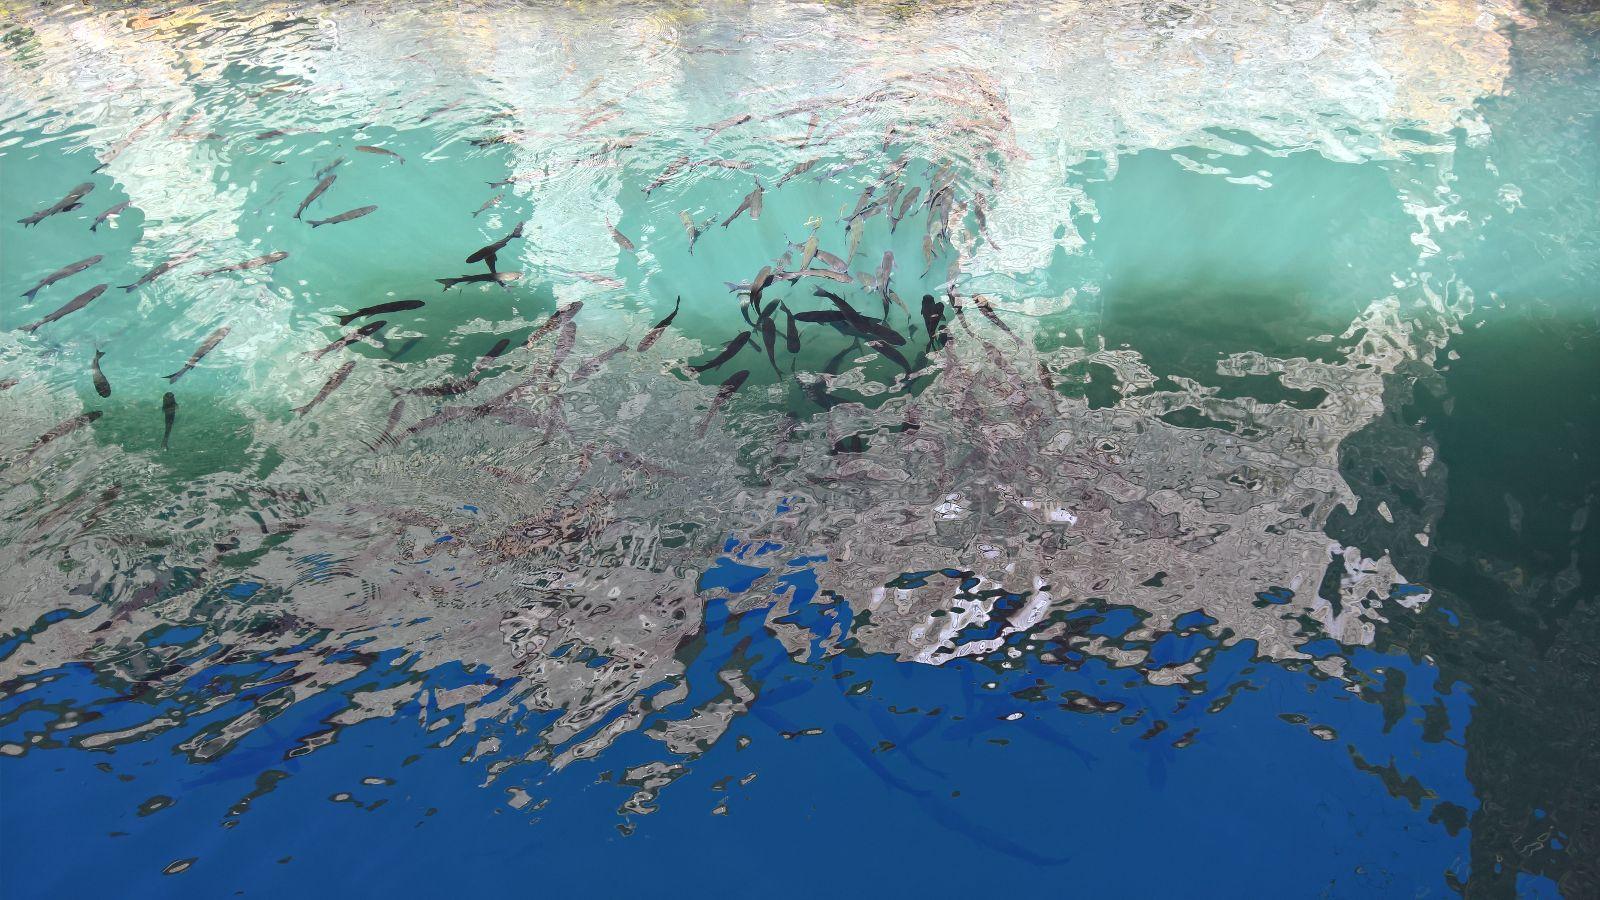 Viaggio a Spalato: Stari Grad e la vasca dei pesci di Petar Hektorović